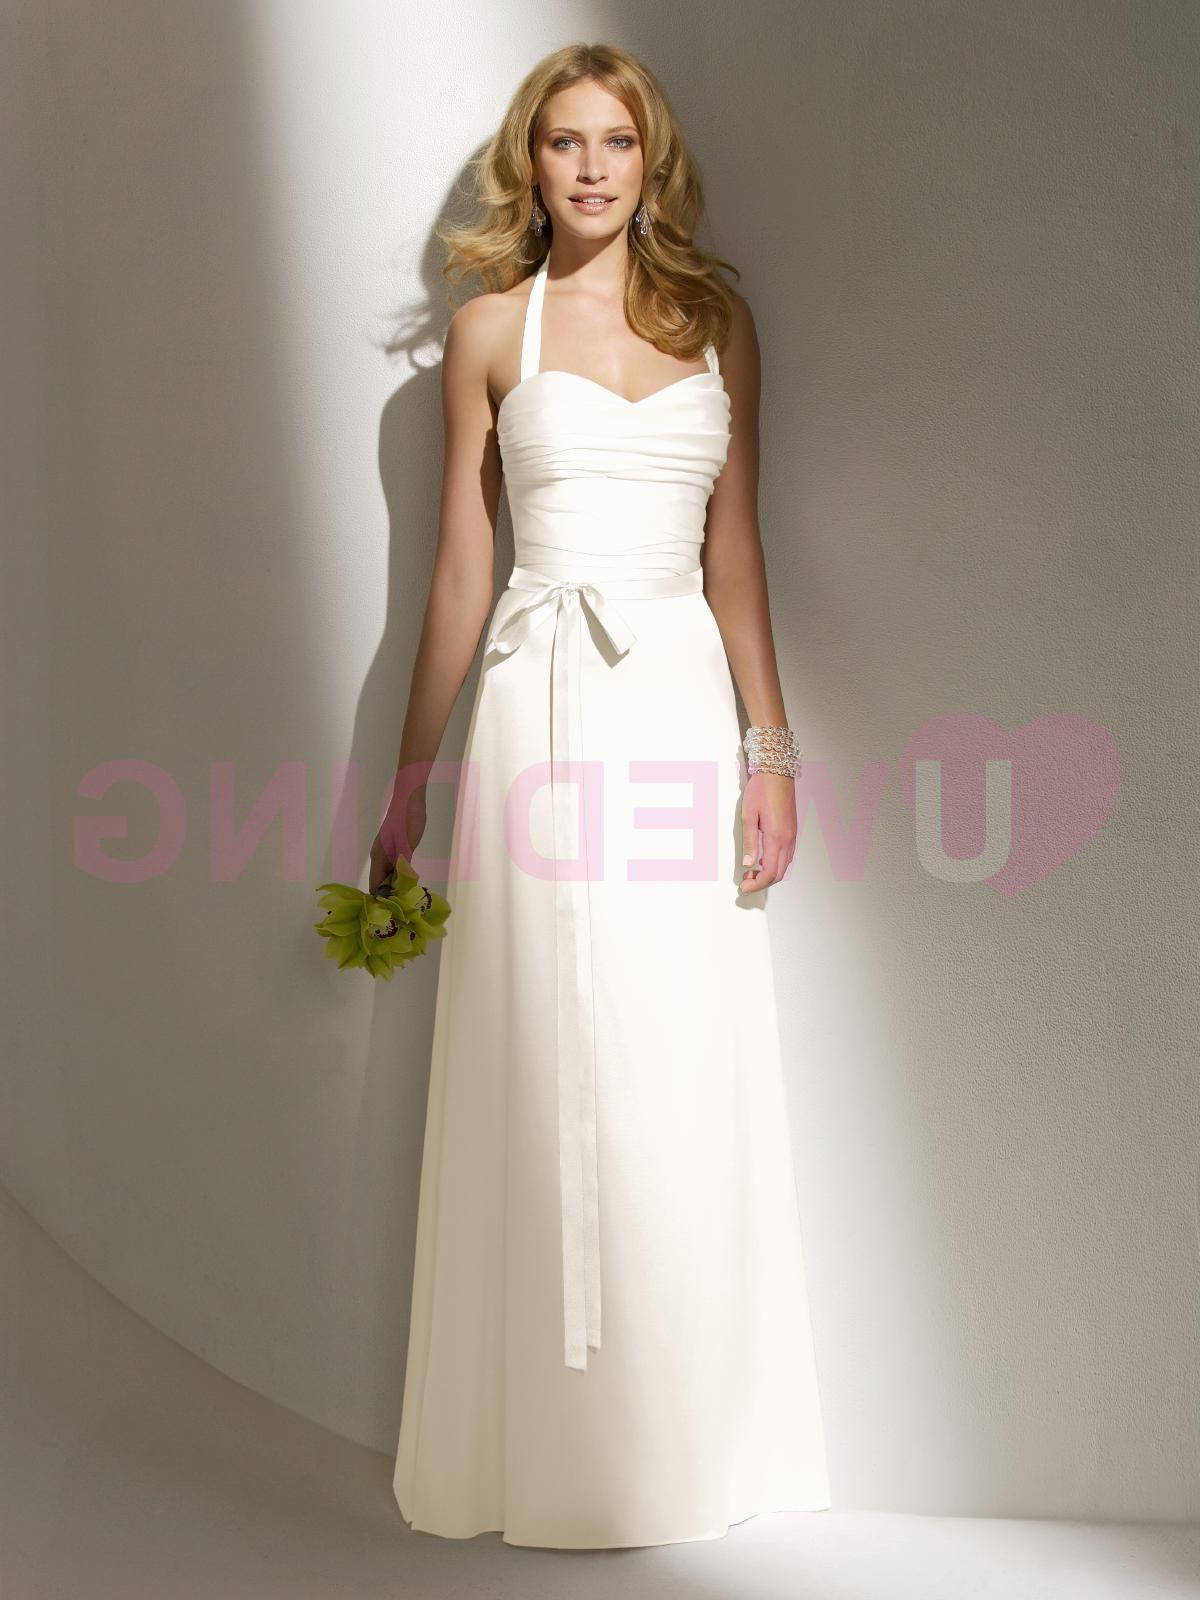 a wedding dress affordable